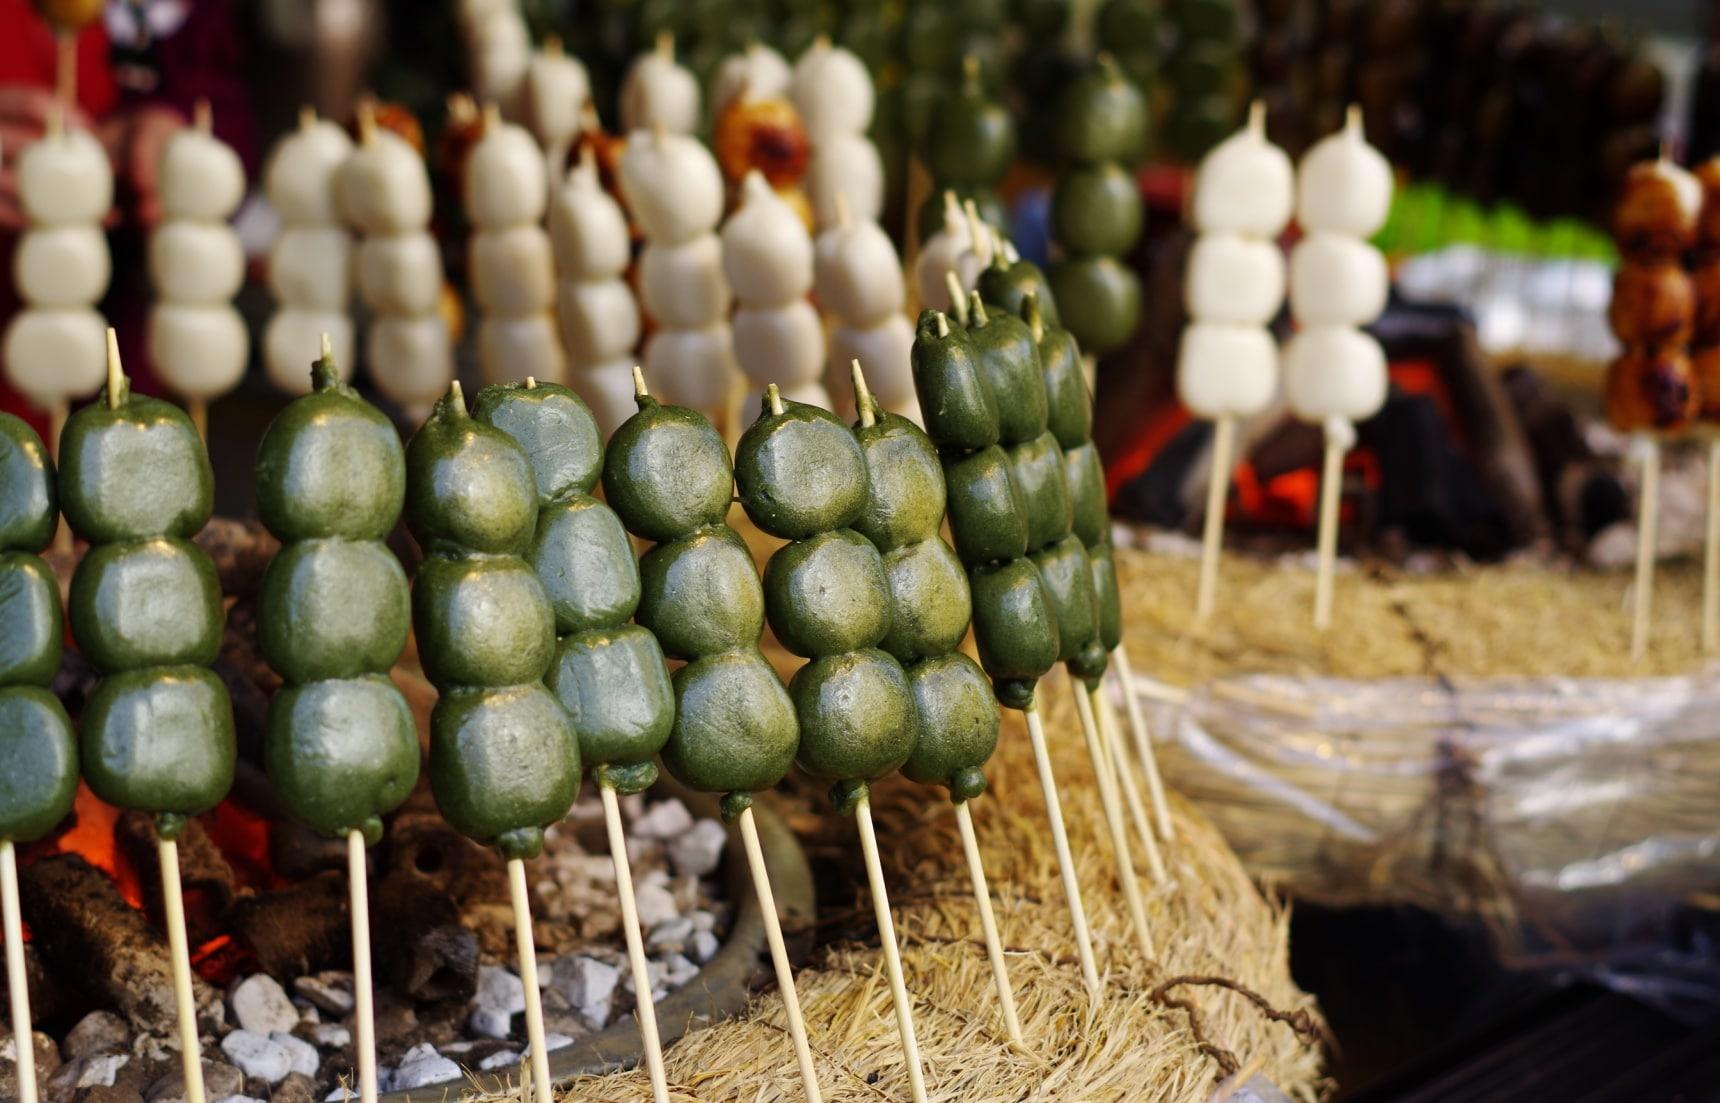 【美食豆知識】11月22日「好夫妻日」 日本流行吃的美食原來是這個